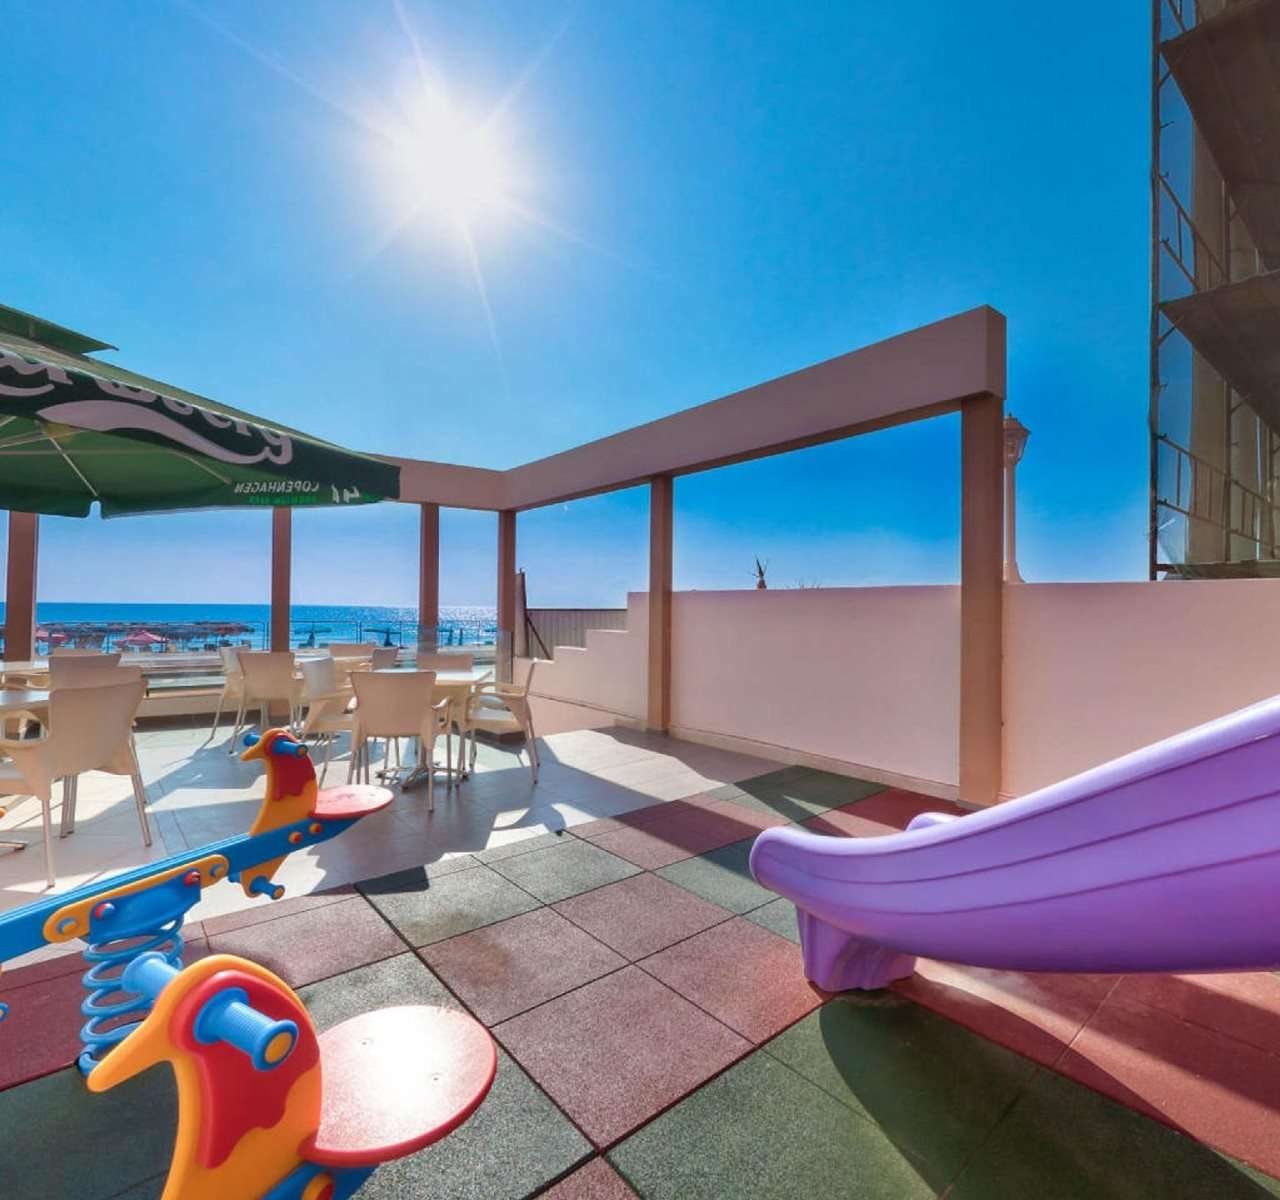 Flamingo Beach Hotel